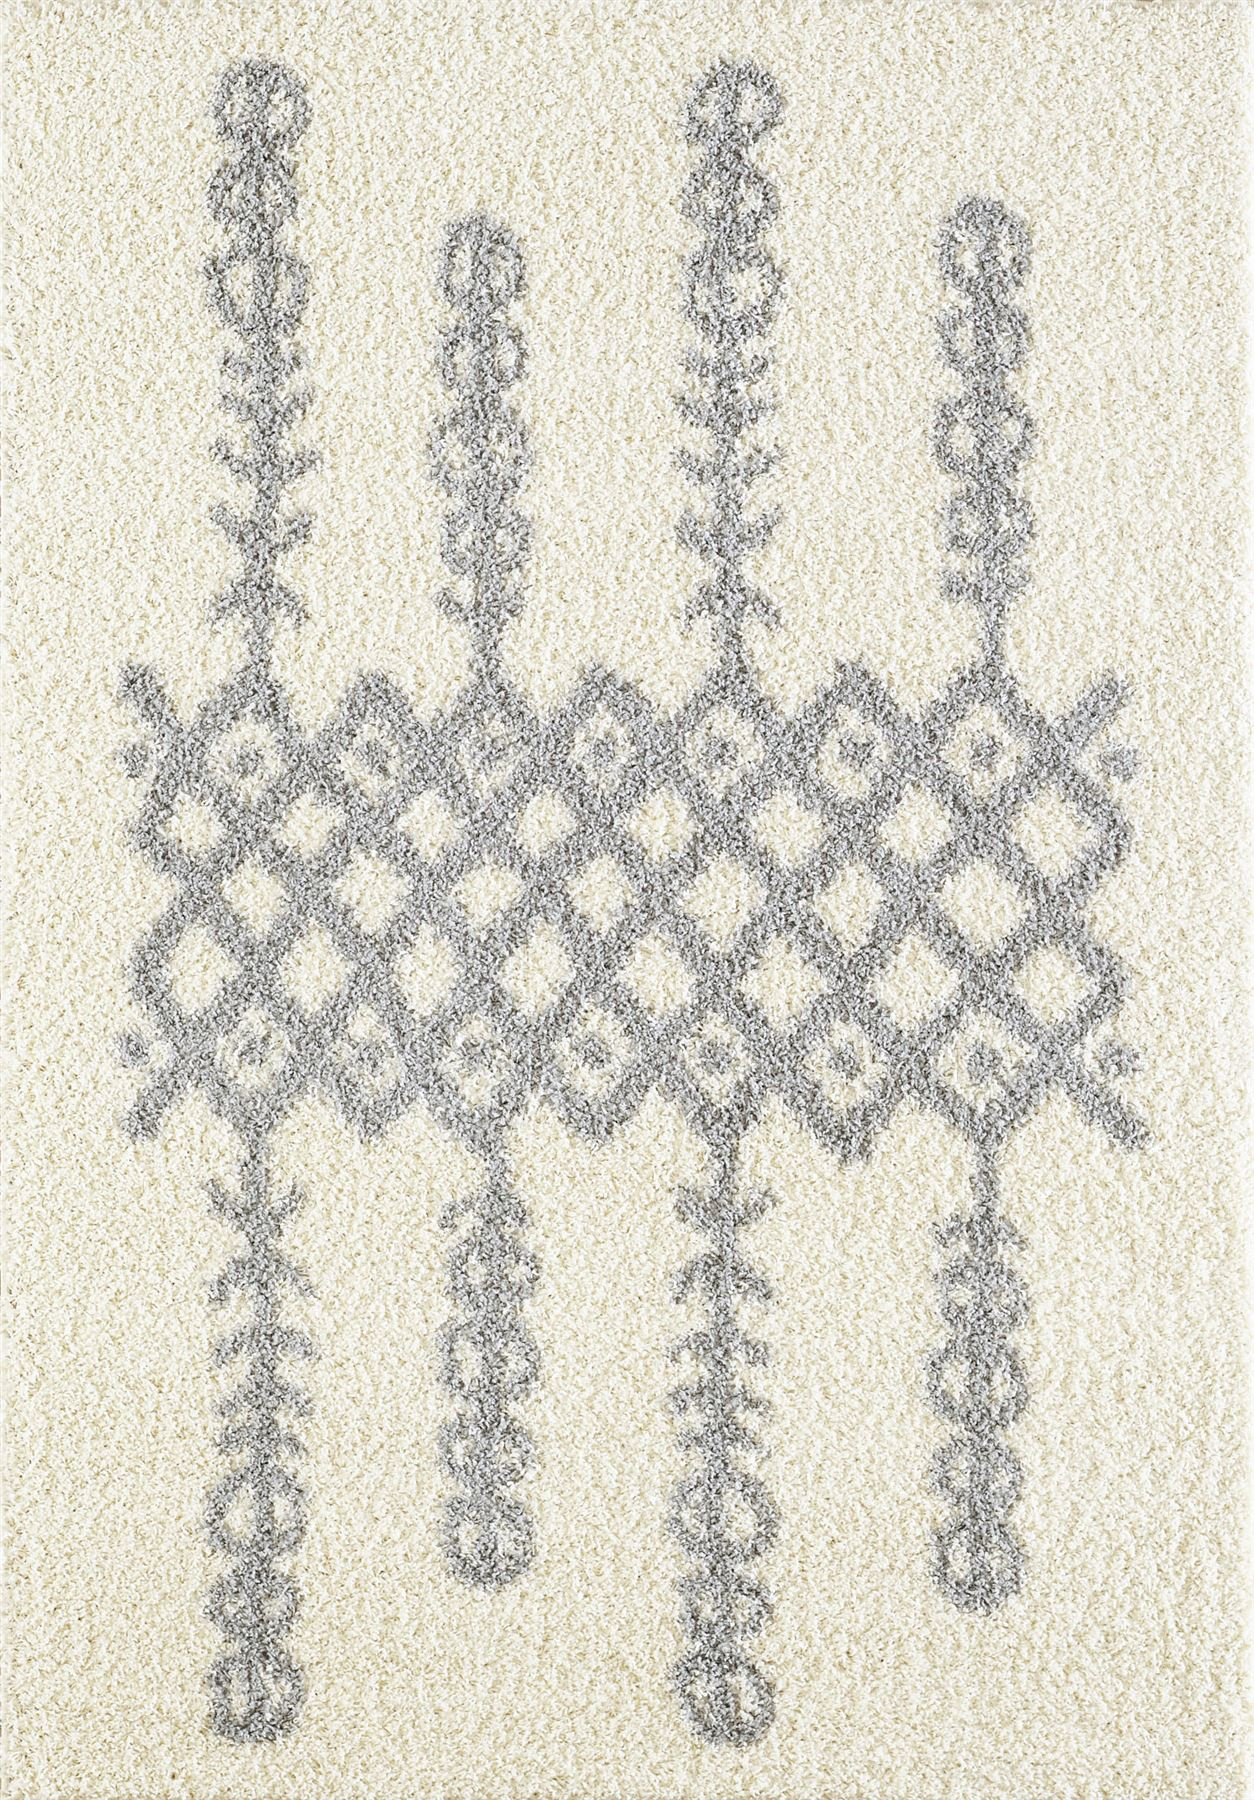 Tappeto-A2Z-Nero-Grigio-Avorio-tradizionale-marocchina-Shaggy-Berber-Boho-Tribal-3cm-Pile miniatura 9